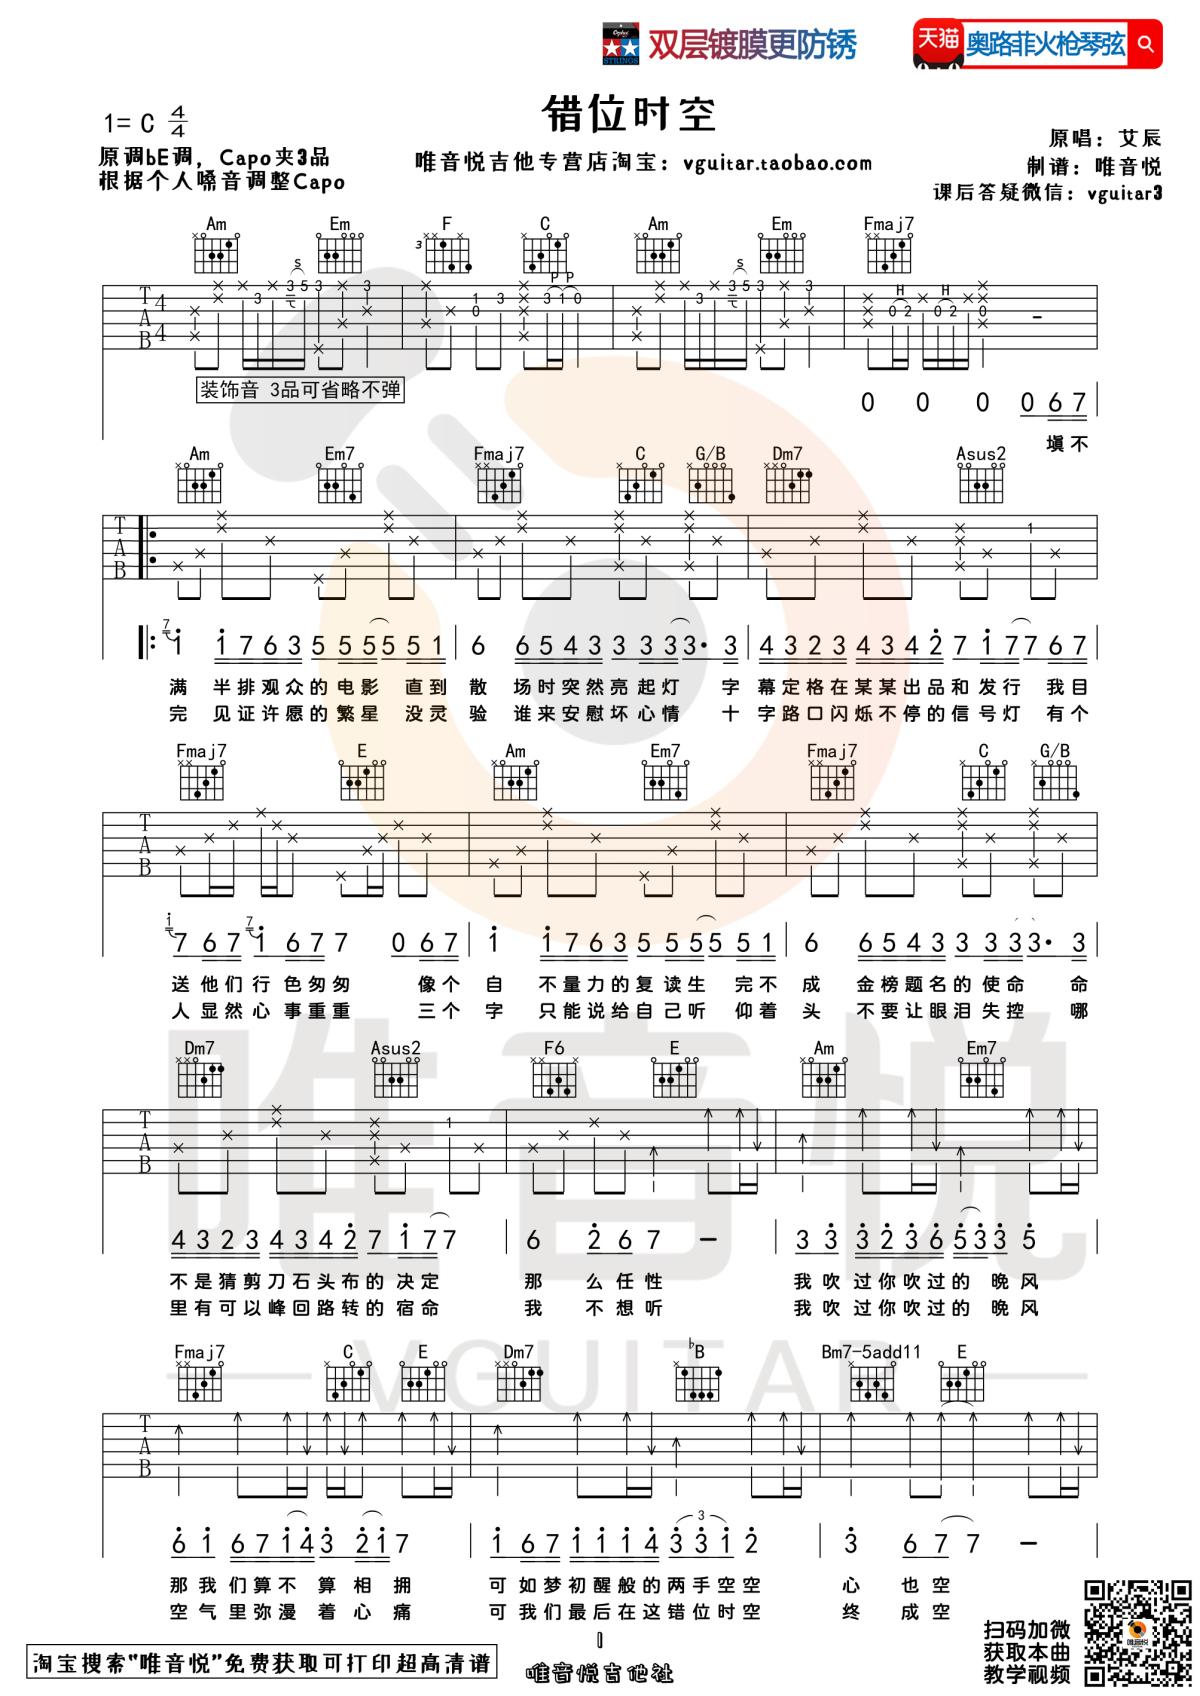 错位时空 (原版简单吉他谱 唯音悦制谱)吉他谱(图片谱,错位时空,吉他谱,原版吉他谱)_艾辰_错位时空01.jpg